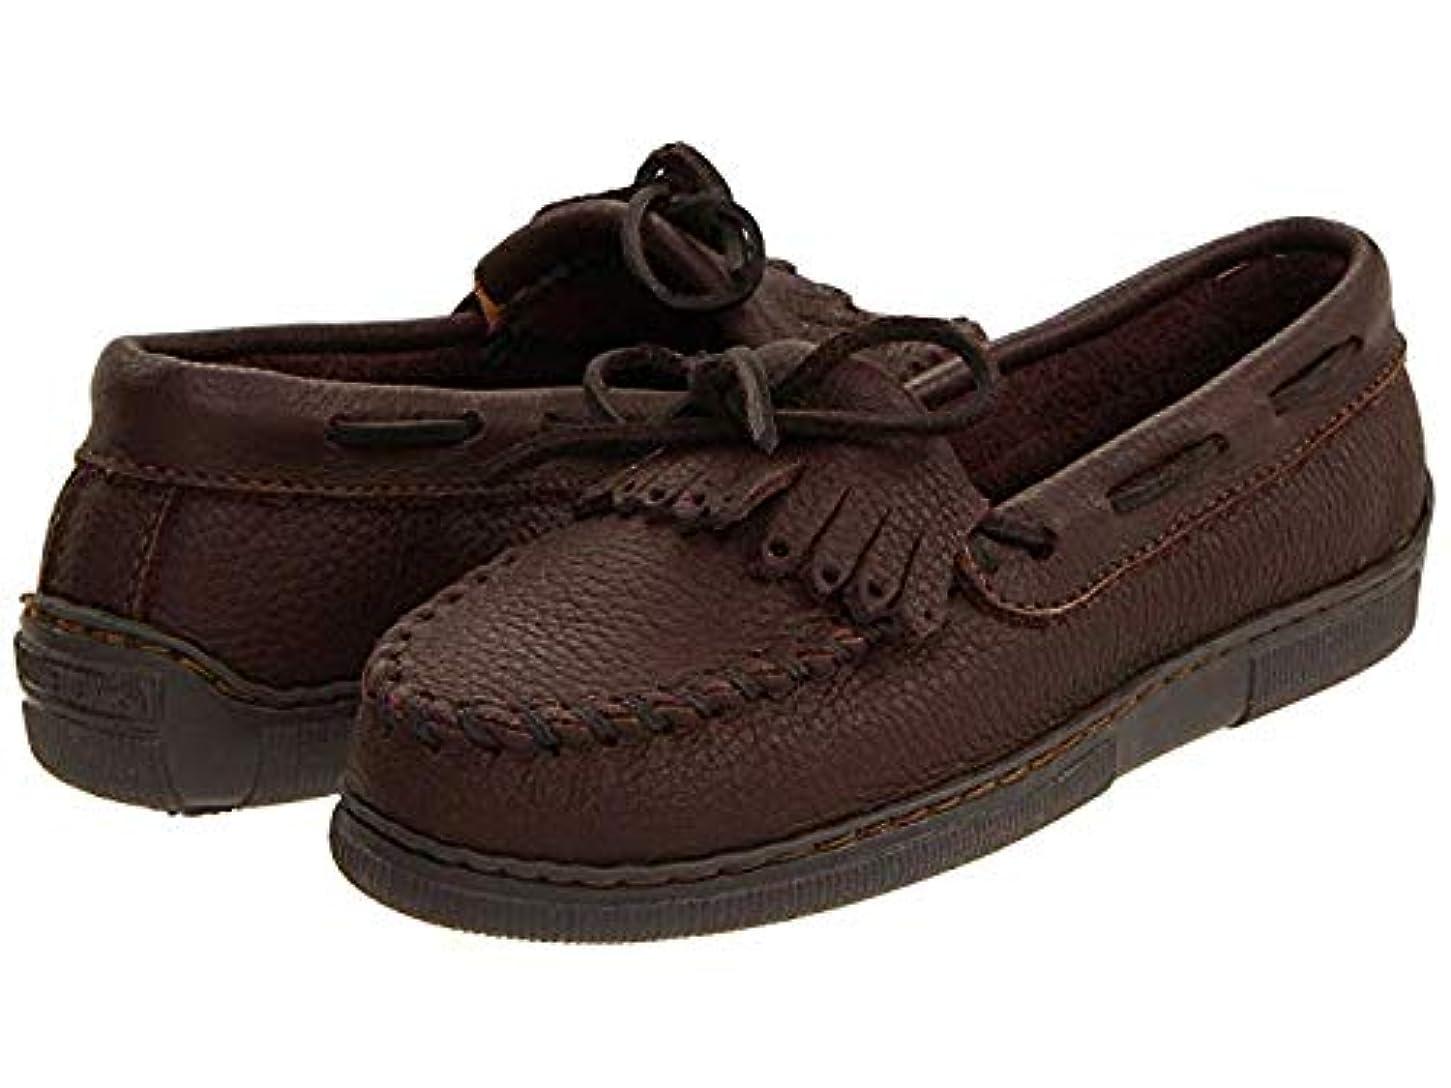 命令ジョグ地質学レディースローファー?靴 Moosehide Fringed Kilty Chocolate Moosehide (22.5cm) W [並行輸入品]